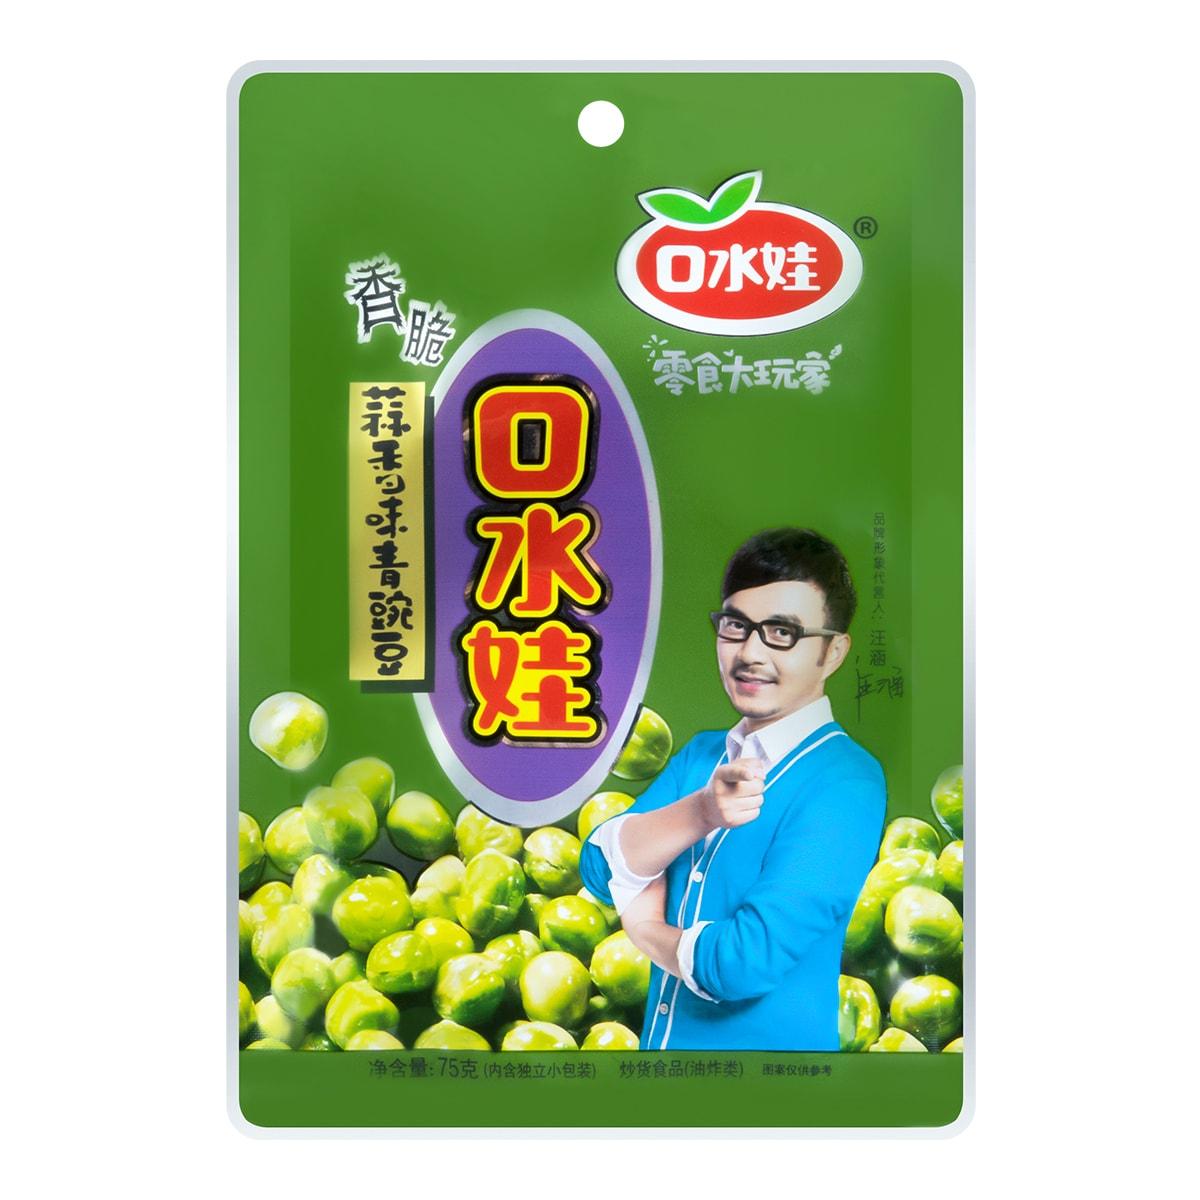 口水娃 香脆青豌豆 蒜香味 75g